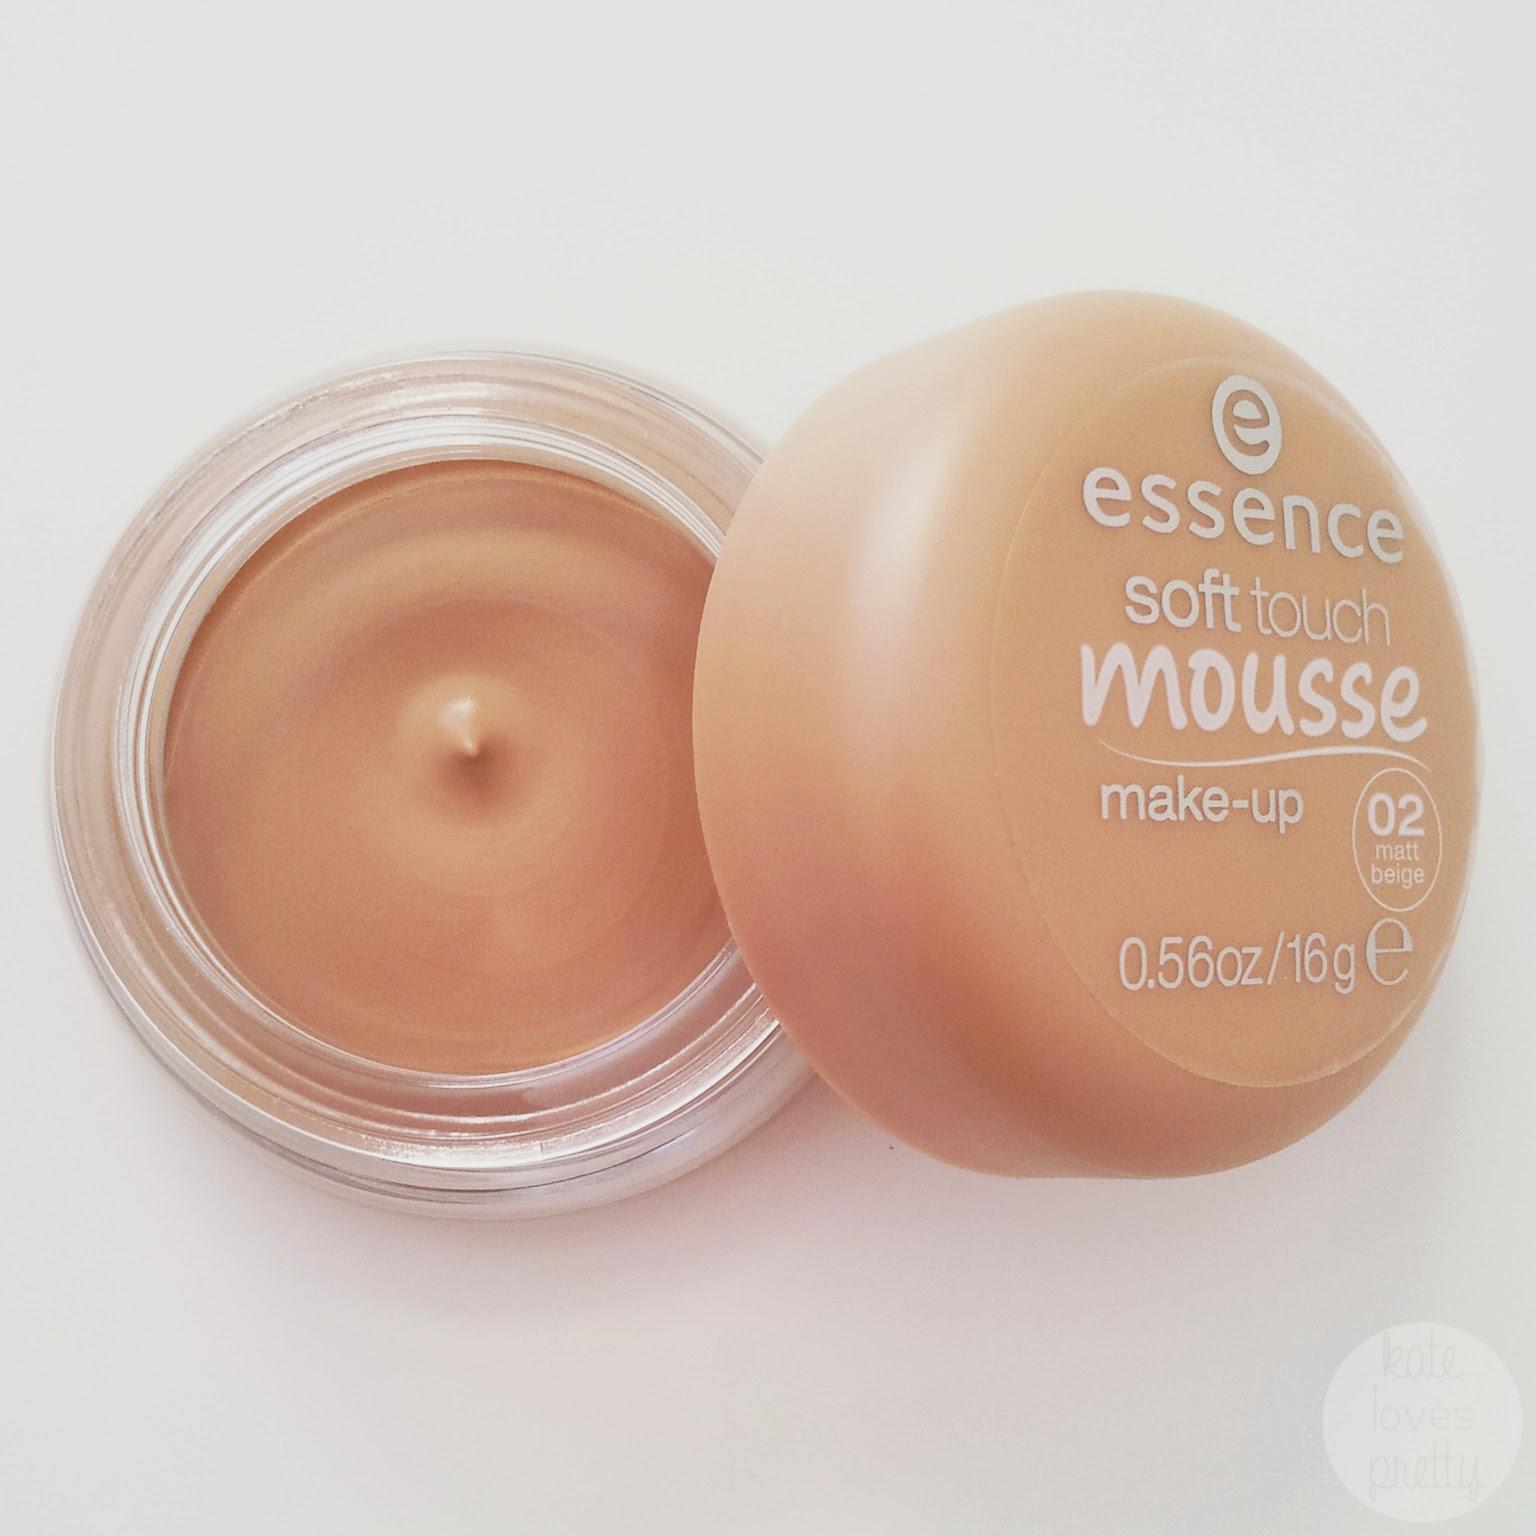 Phấn tươi Essence Soft Touch Mousse màu 04 xách tay Đức